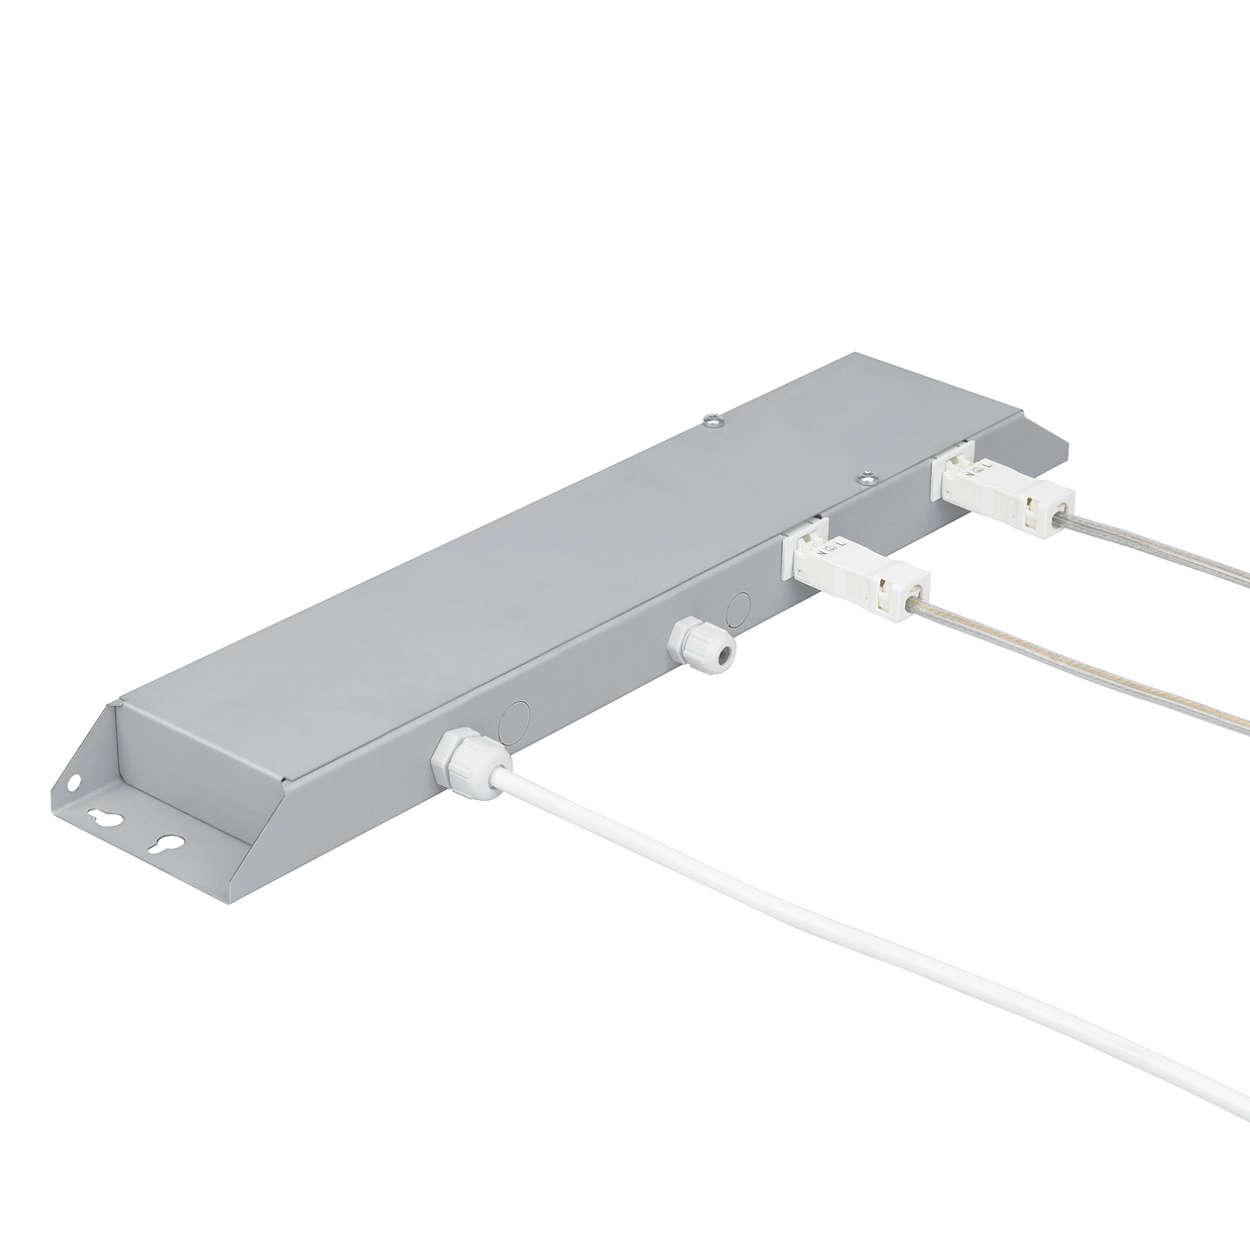 LumiStone SP520P/SP522P/SP524P/SP526P